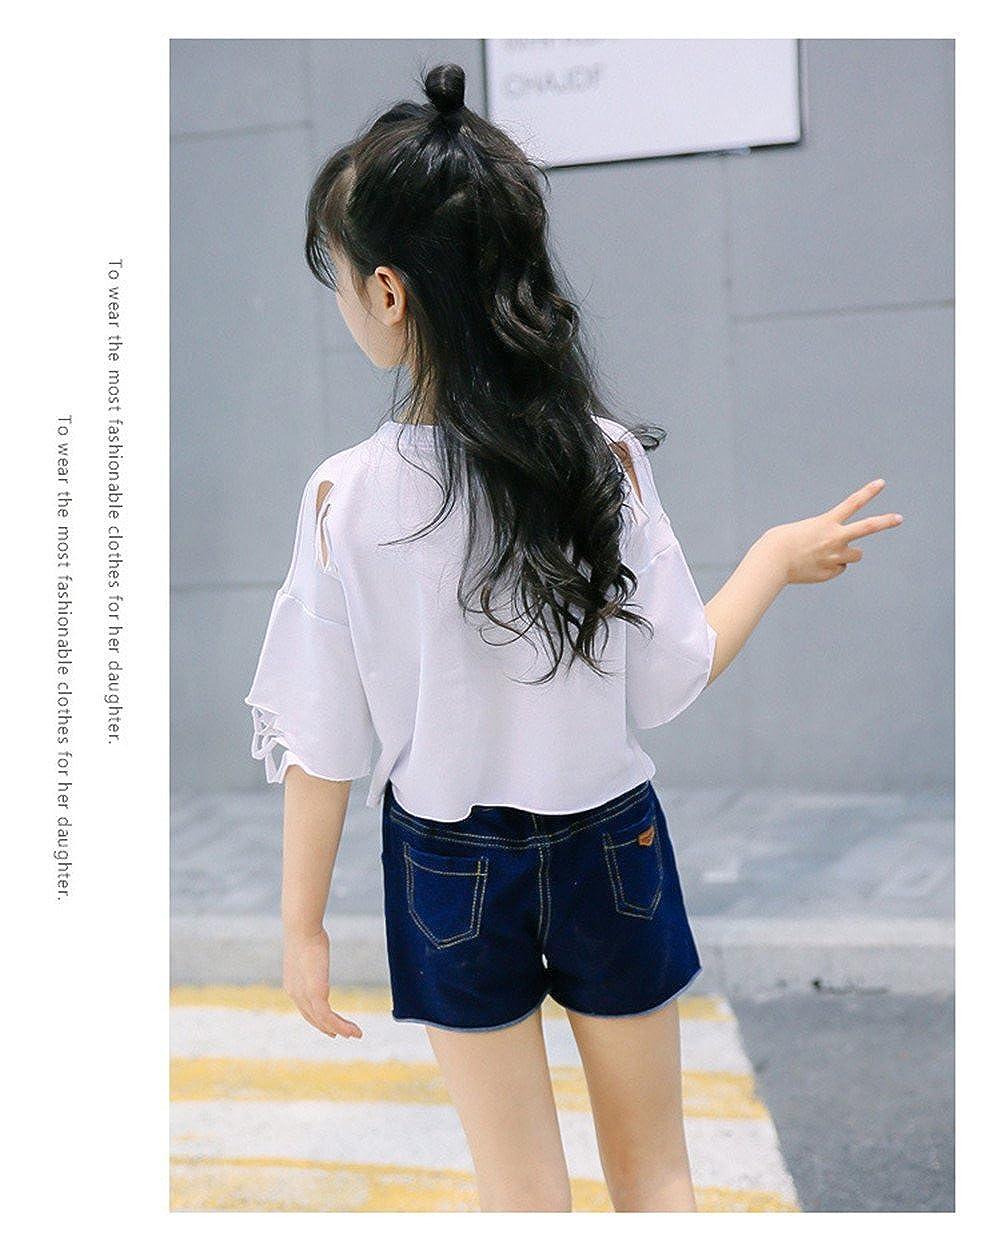 Amazon.com: ftsucq Niñas Trendy letra impresión de la camisa ...